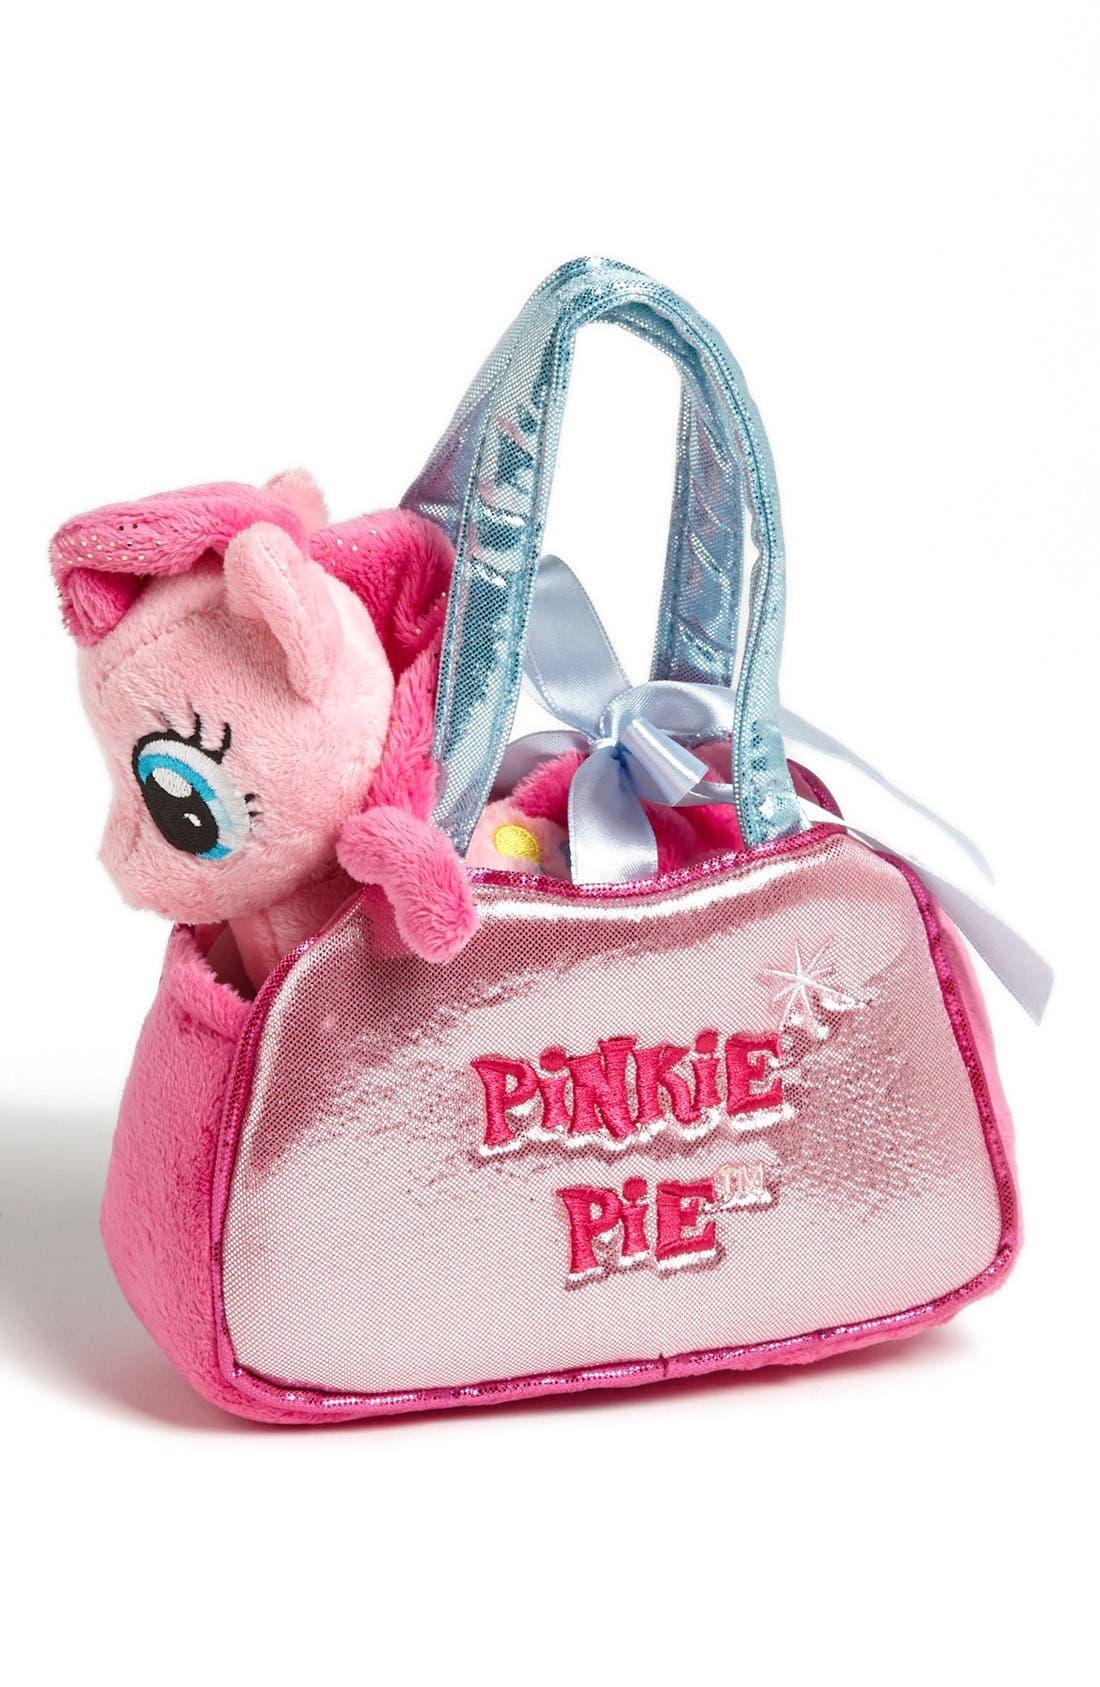 Main Image - Aurora World Toys 'My Little Pony® - Pinkie Pie®' Stuffed Pony & Purse